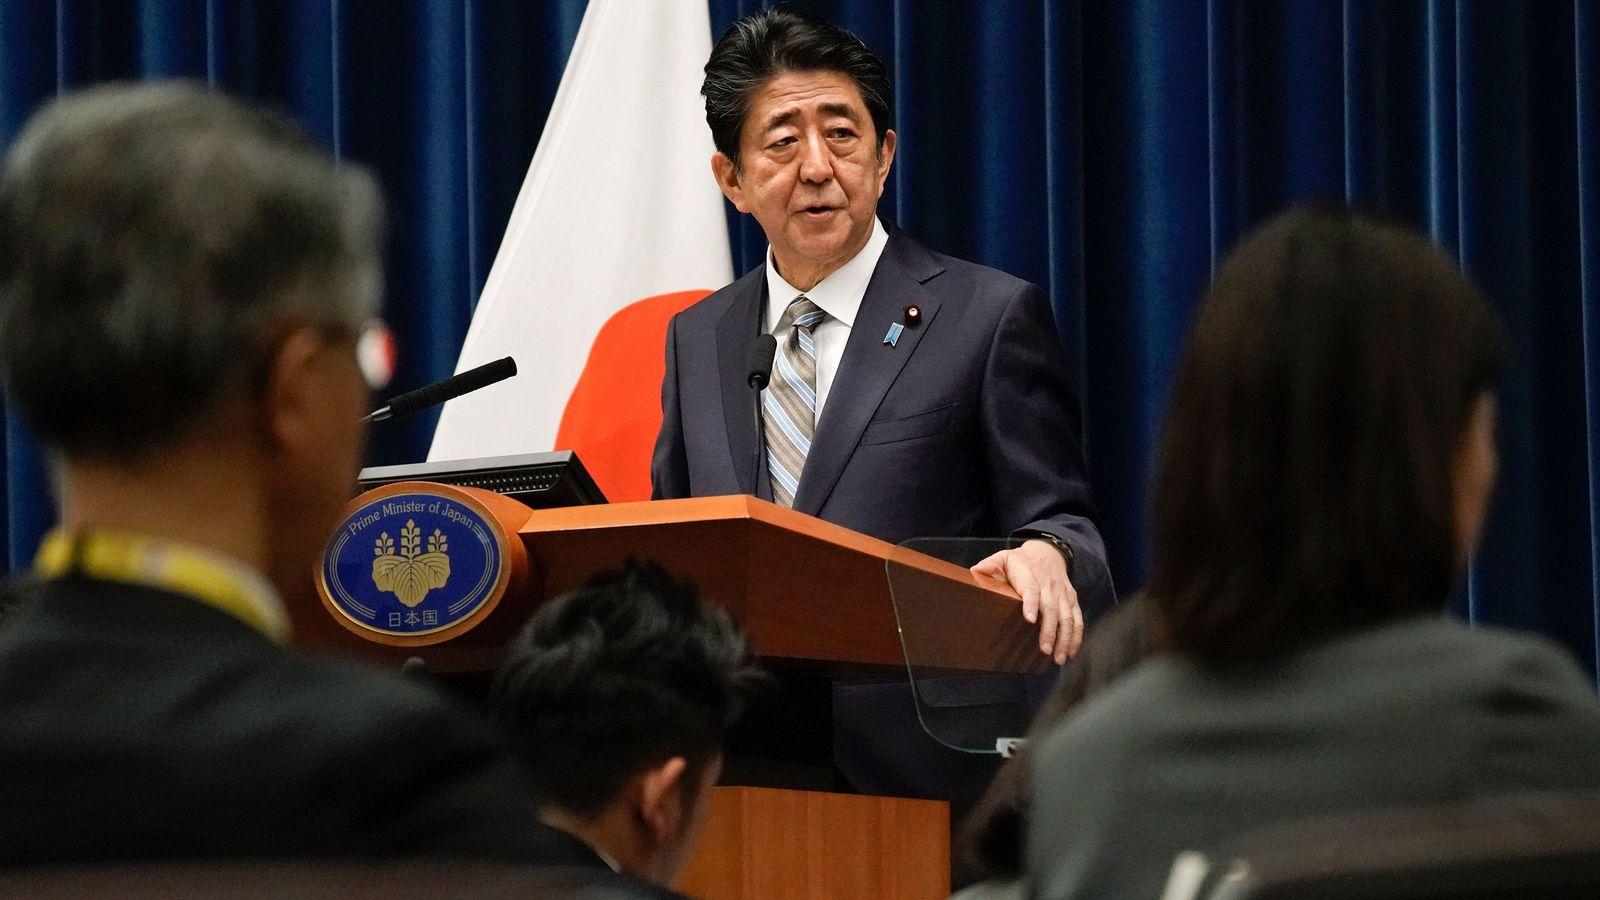 「桜問題」から逃げ続ける安倍首相の甘い見通し マスコミ操作が際立った会見の中身